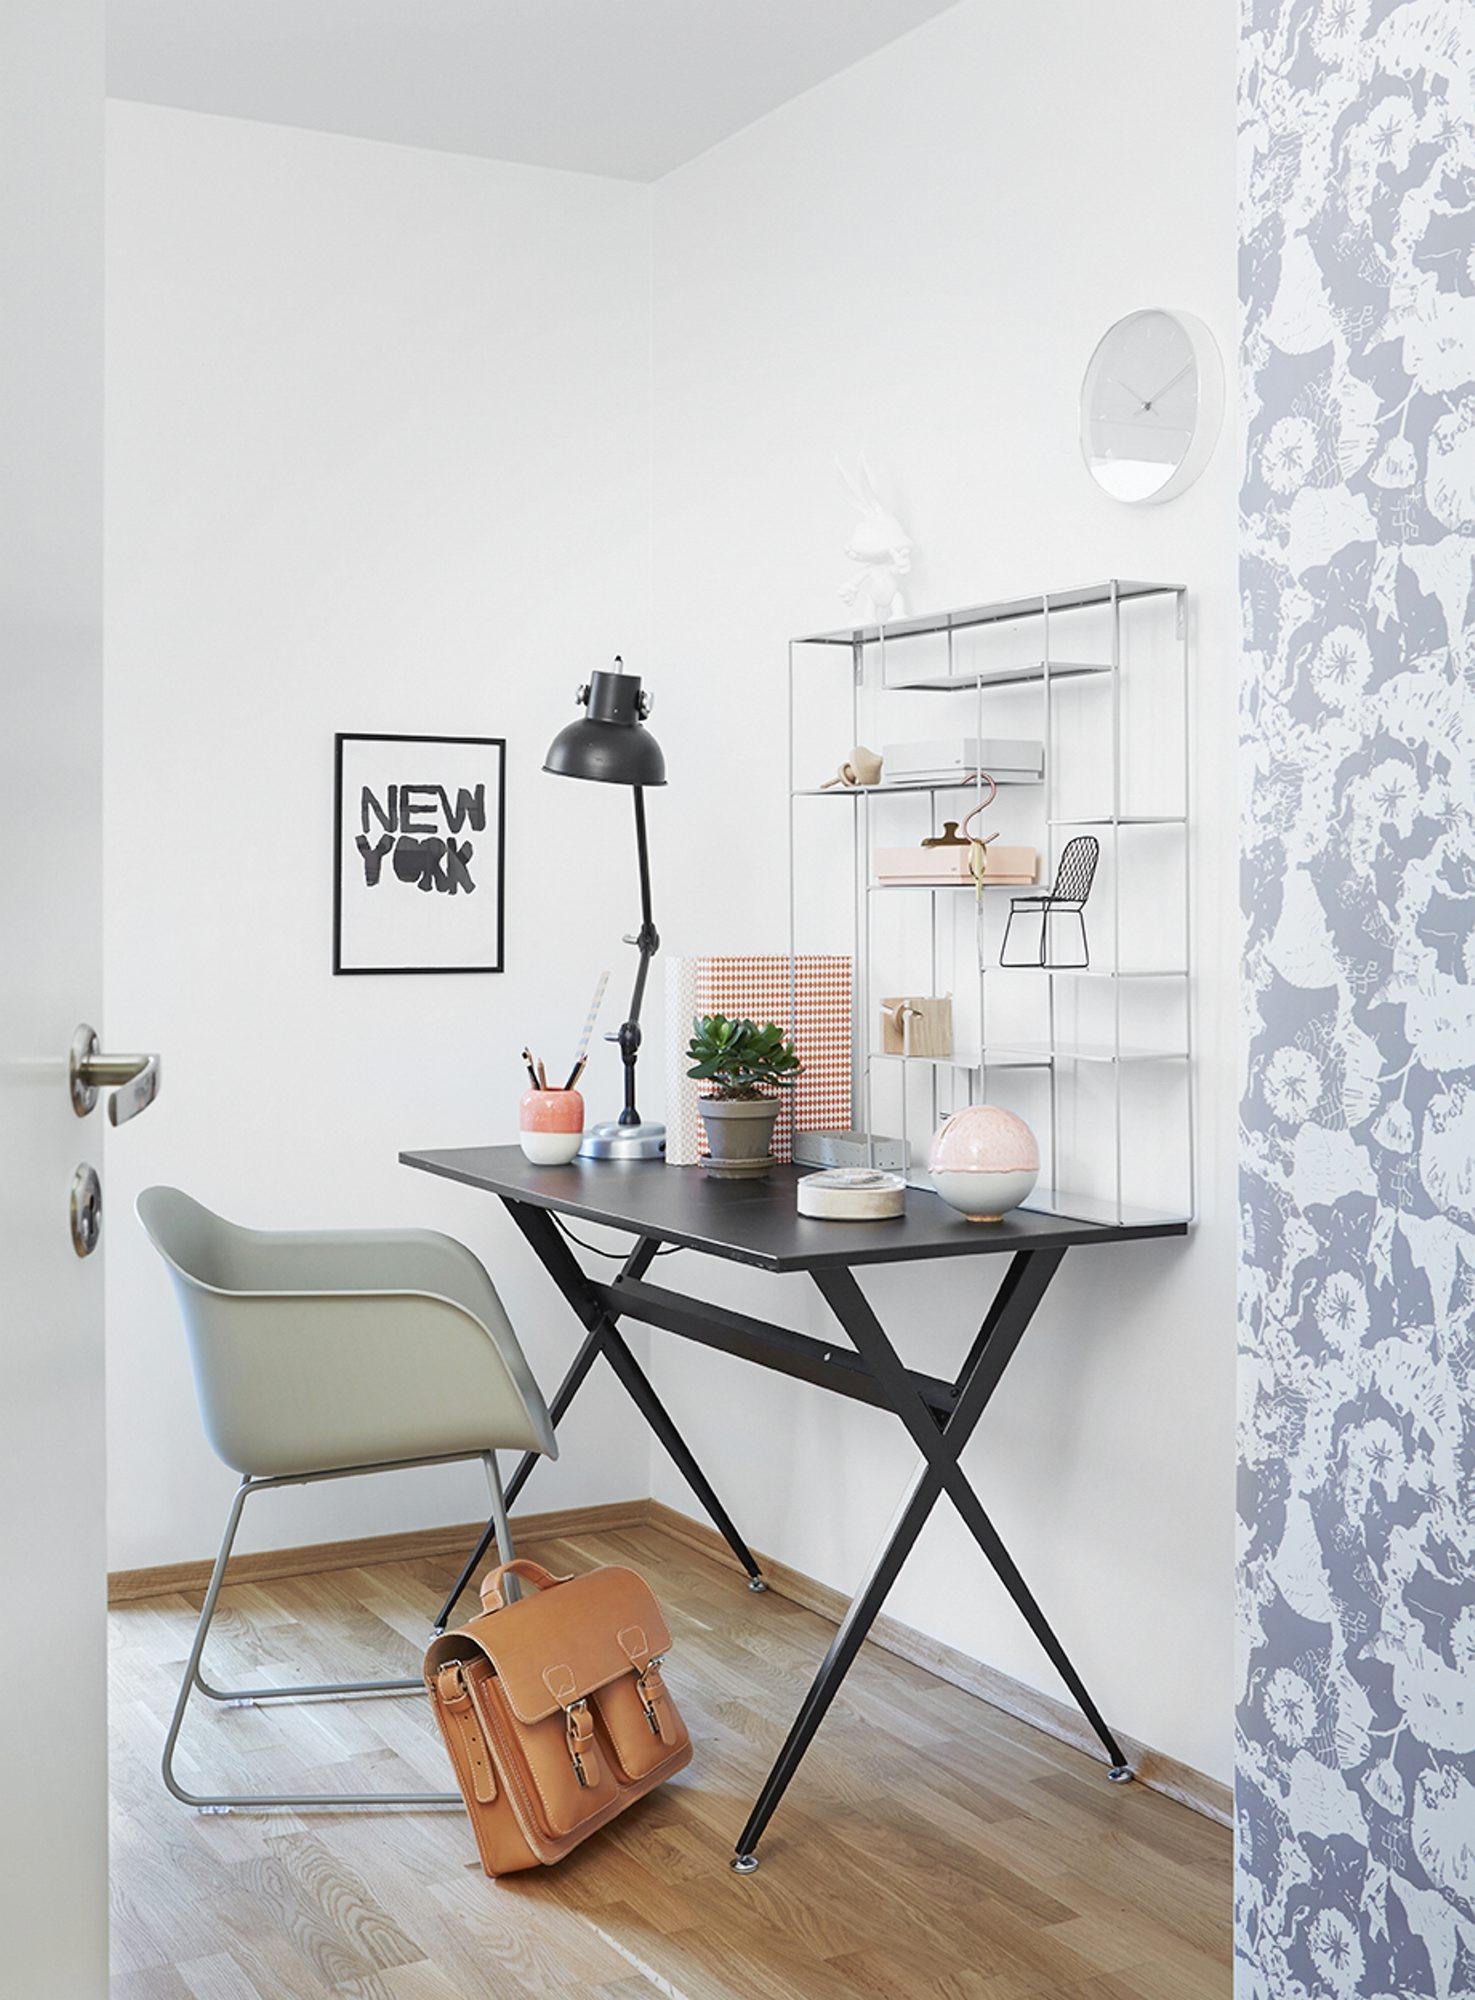 Design Ditt Eget Soverom: Nyeste innlegg. Frk Hege: april. .